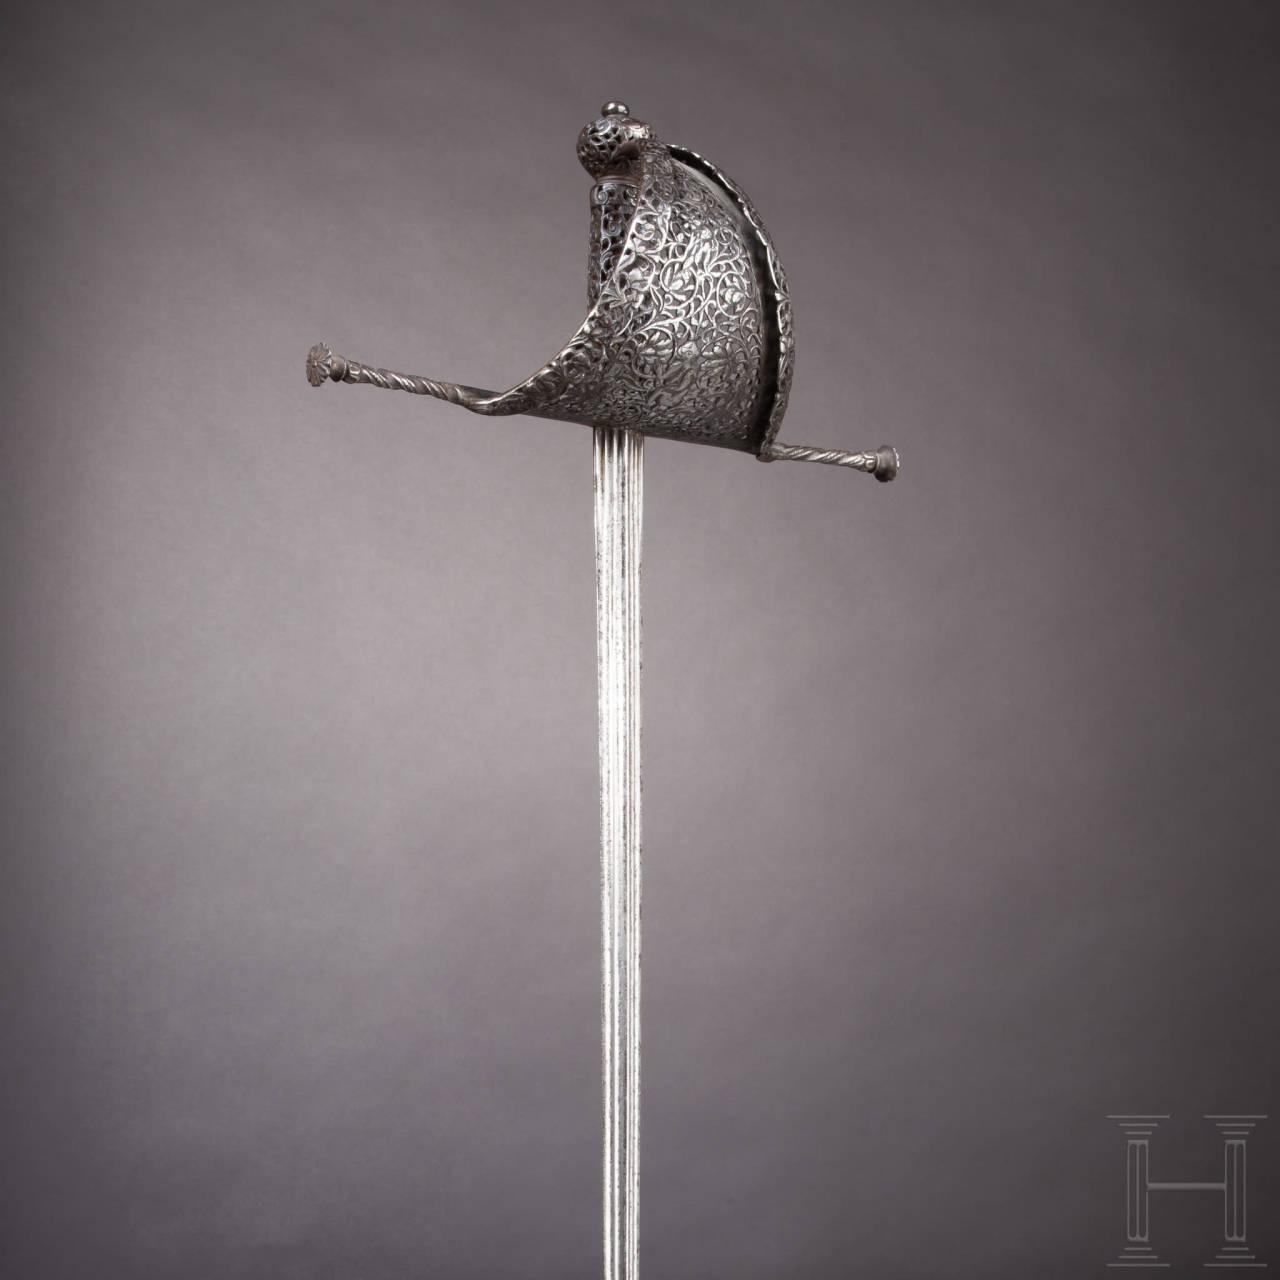 Linkhanddolch mit fein duchbrochenem Gefäß, Italien, um 1650